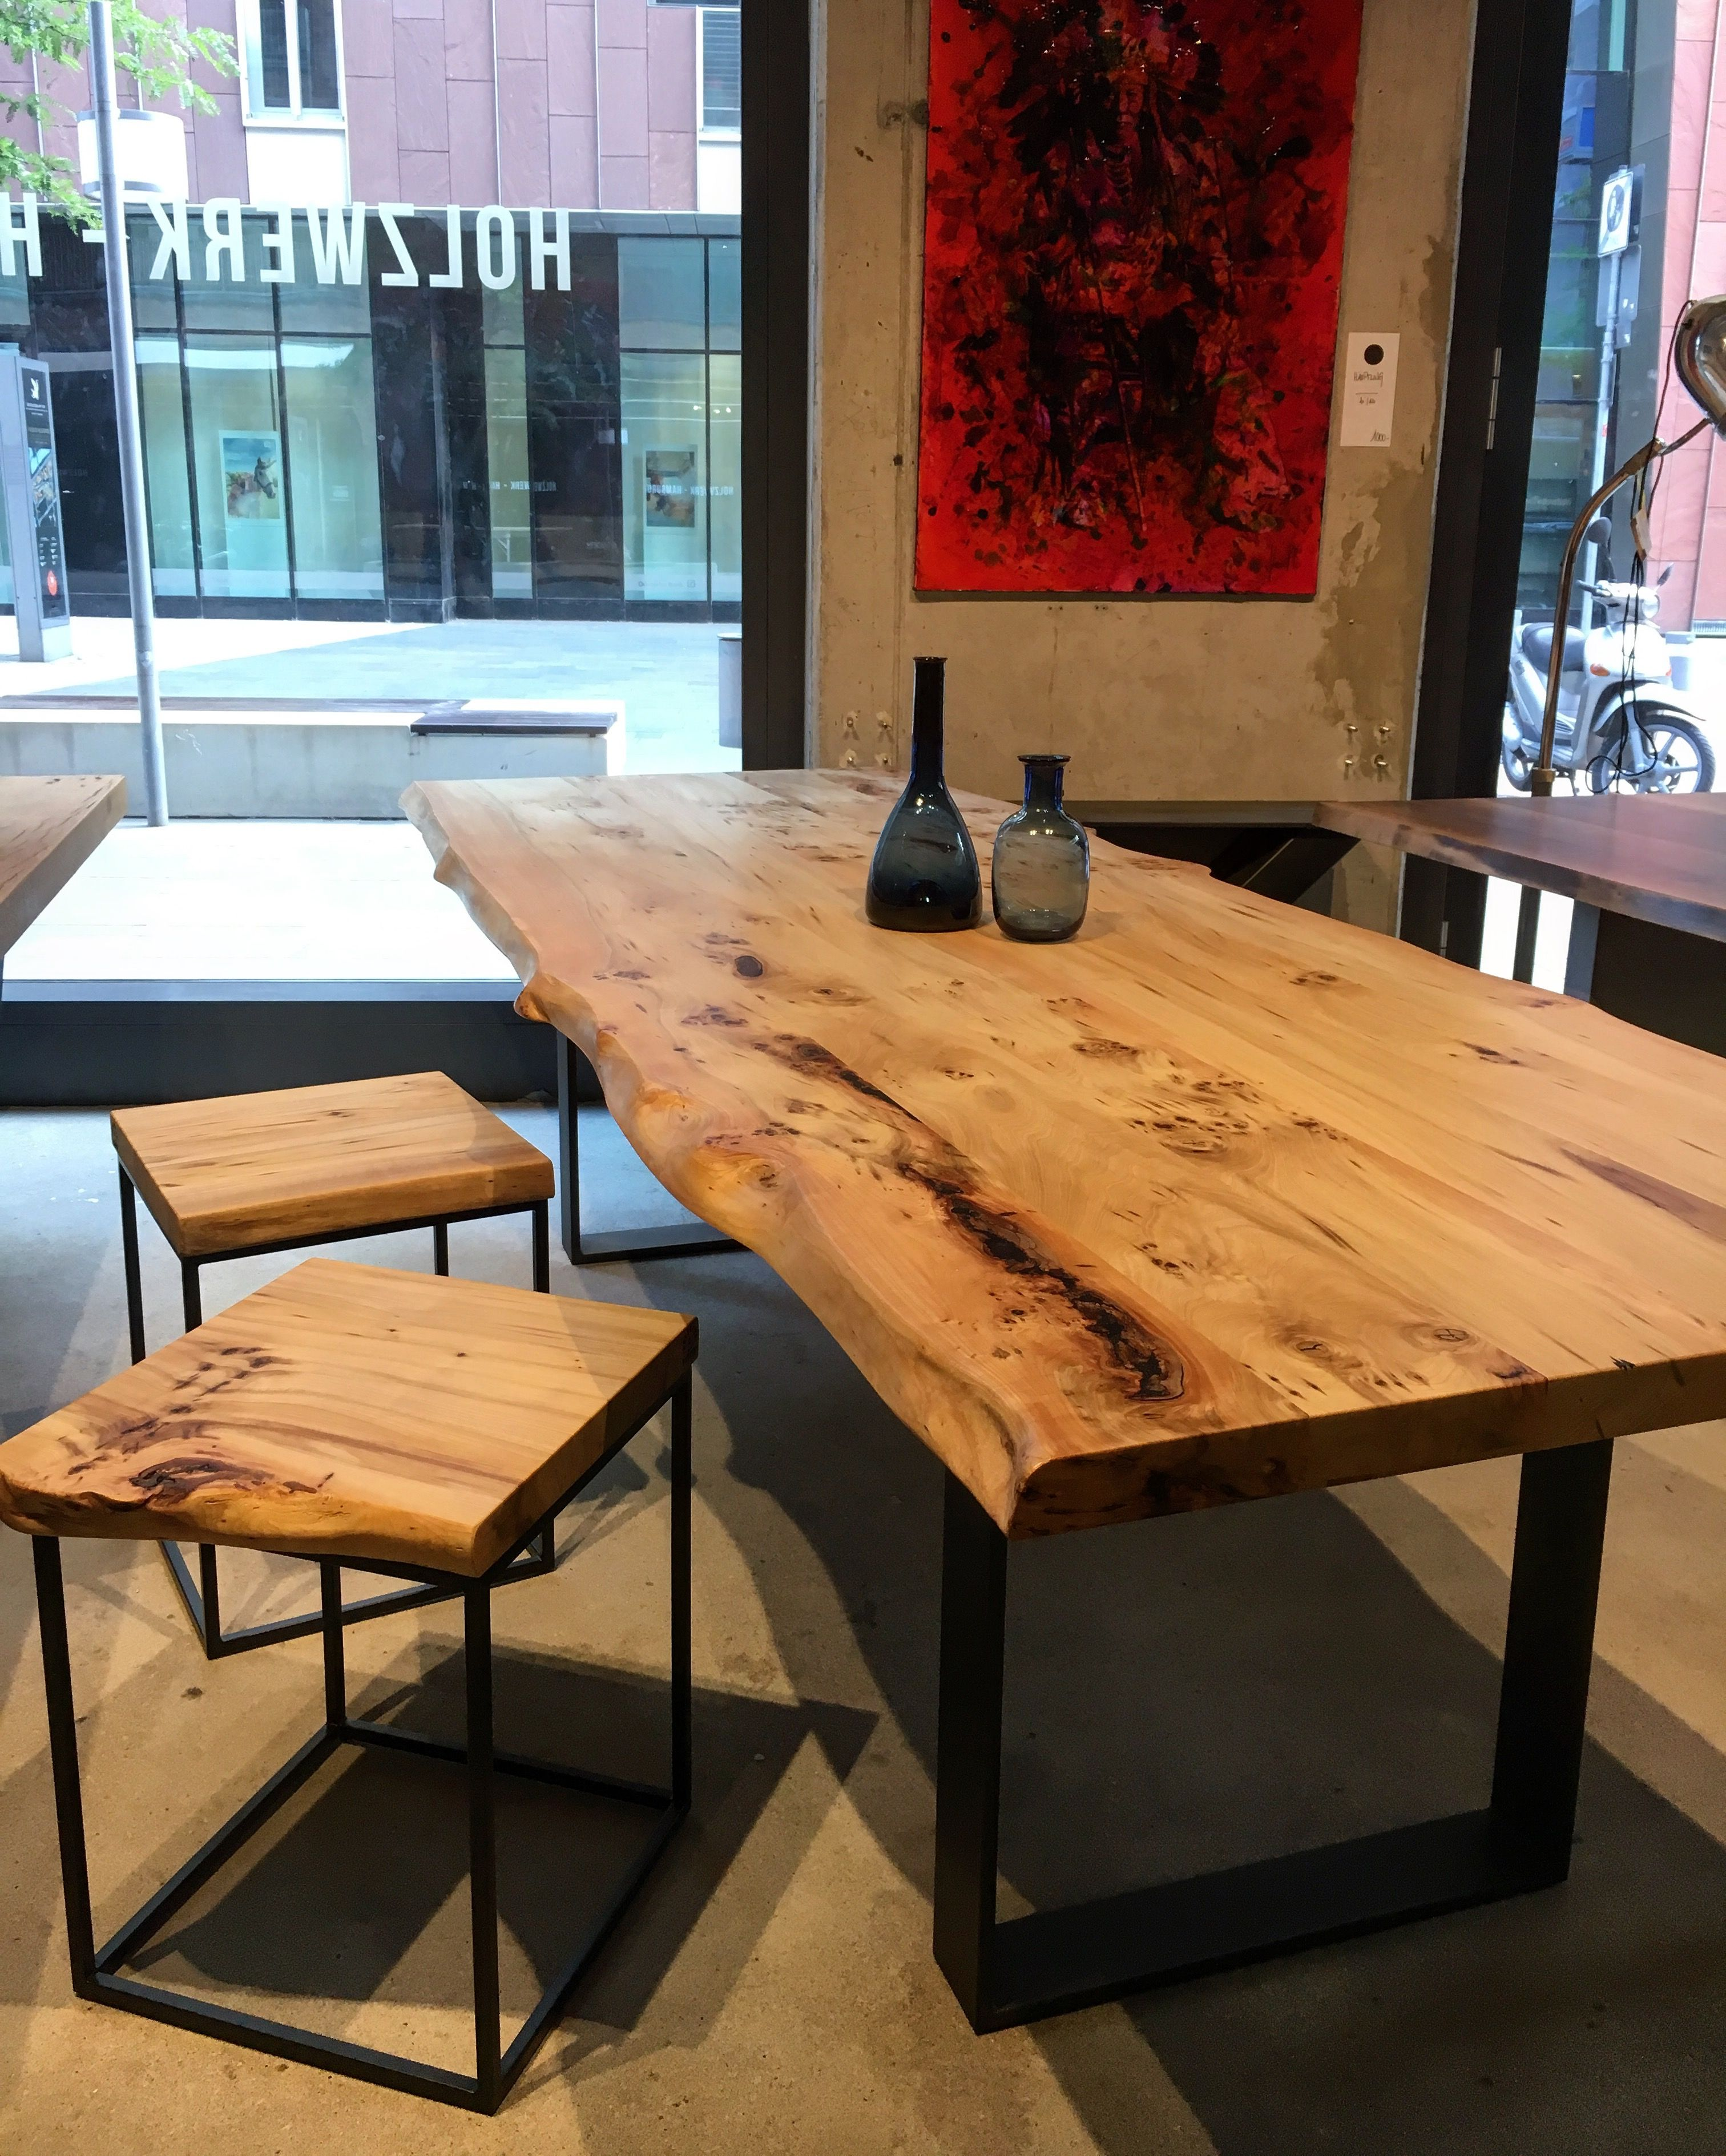 Tisch Auf Mass Esstisch Massiv Holz Www Holzwerk Hamburg De Esstisch Holz Massiv Holztisch Esstisch Esstisch Holz